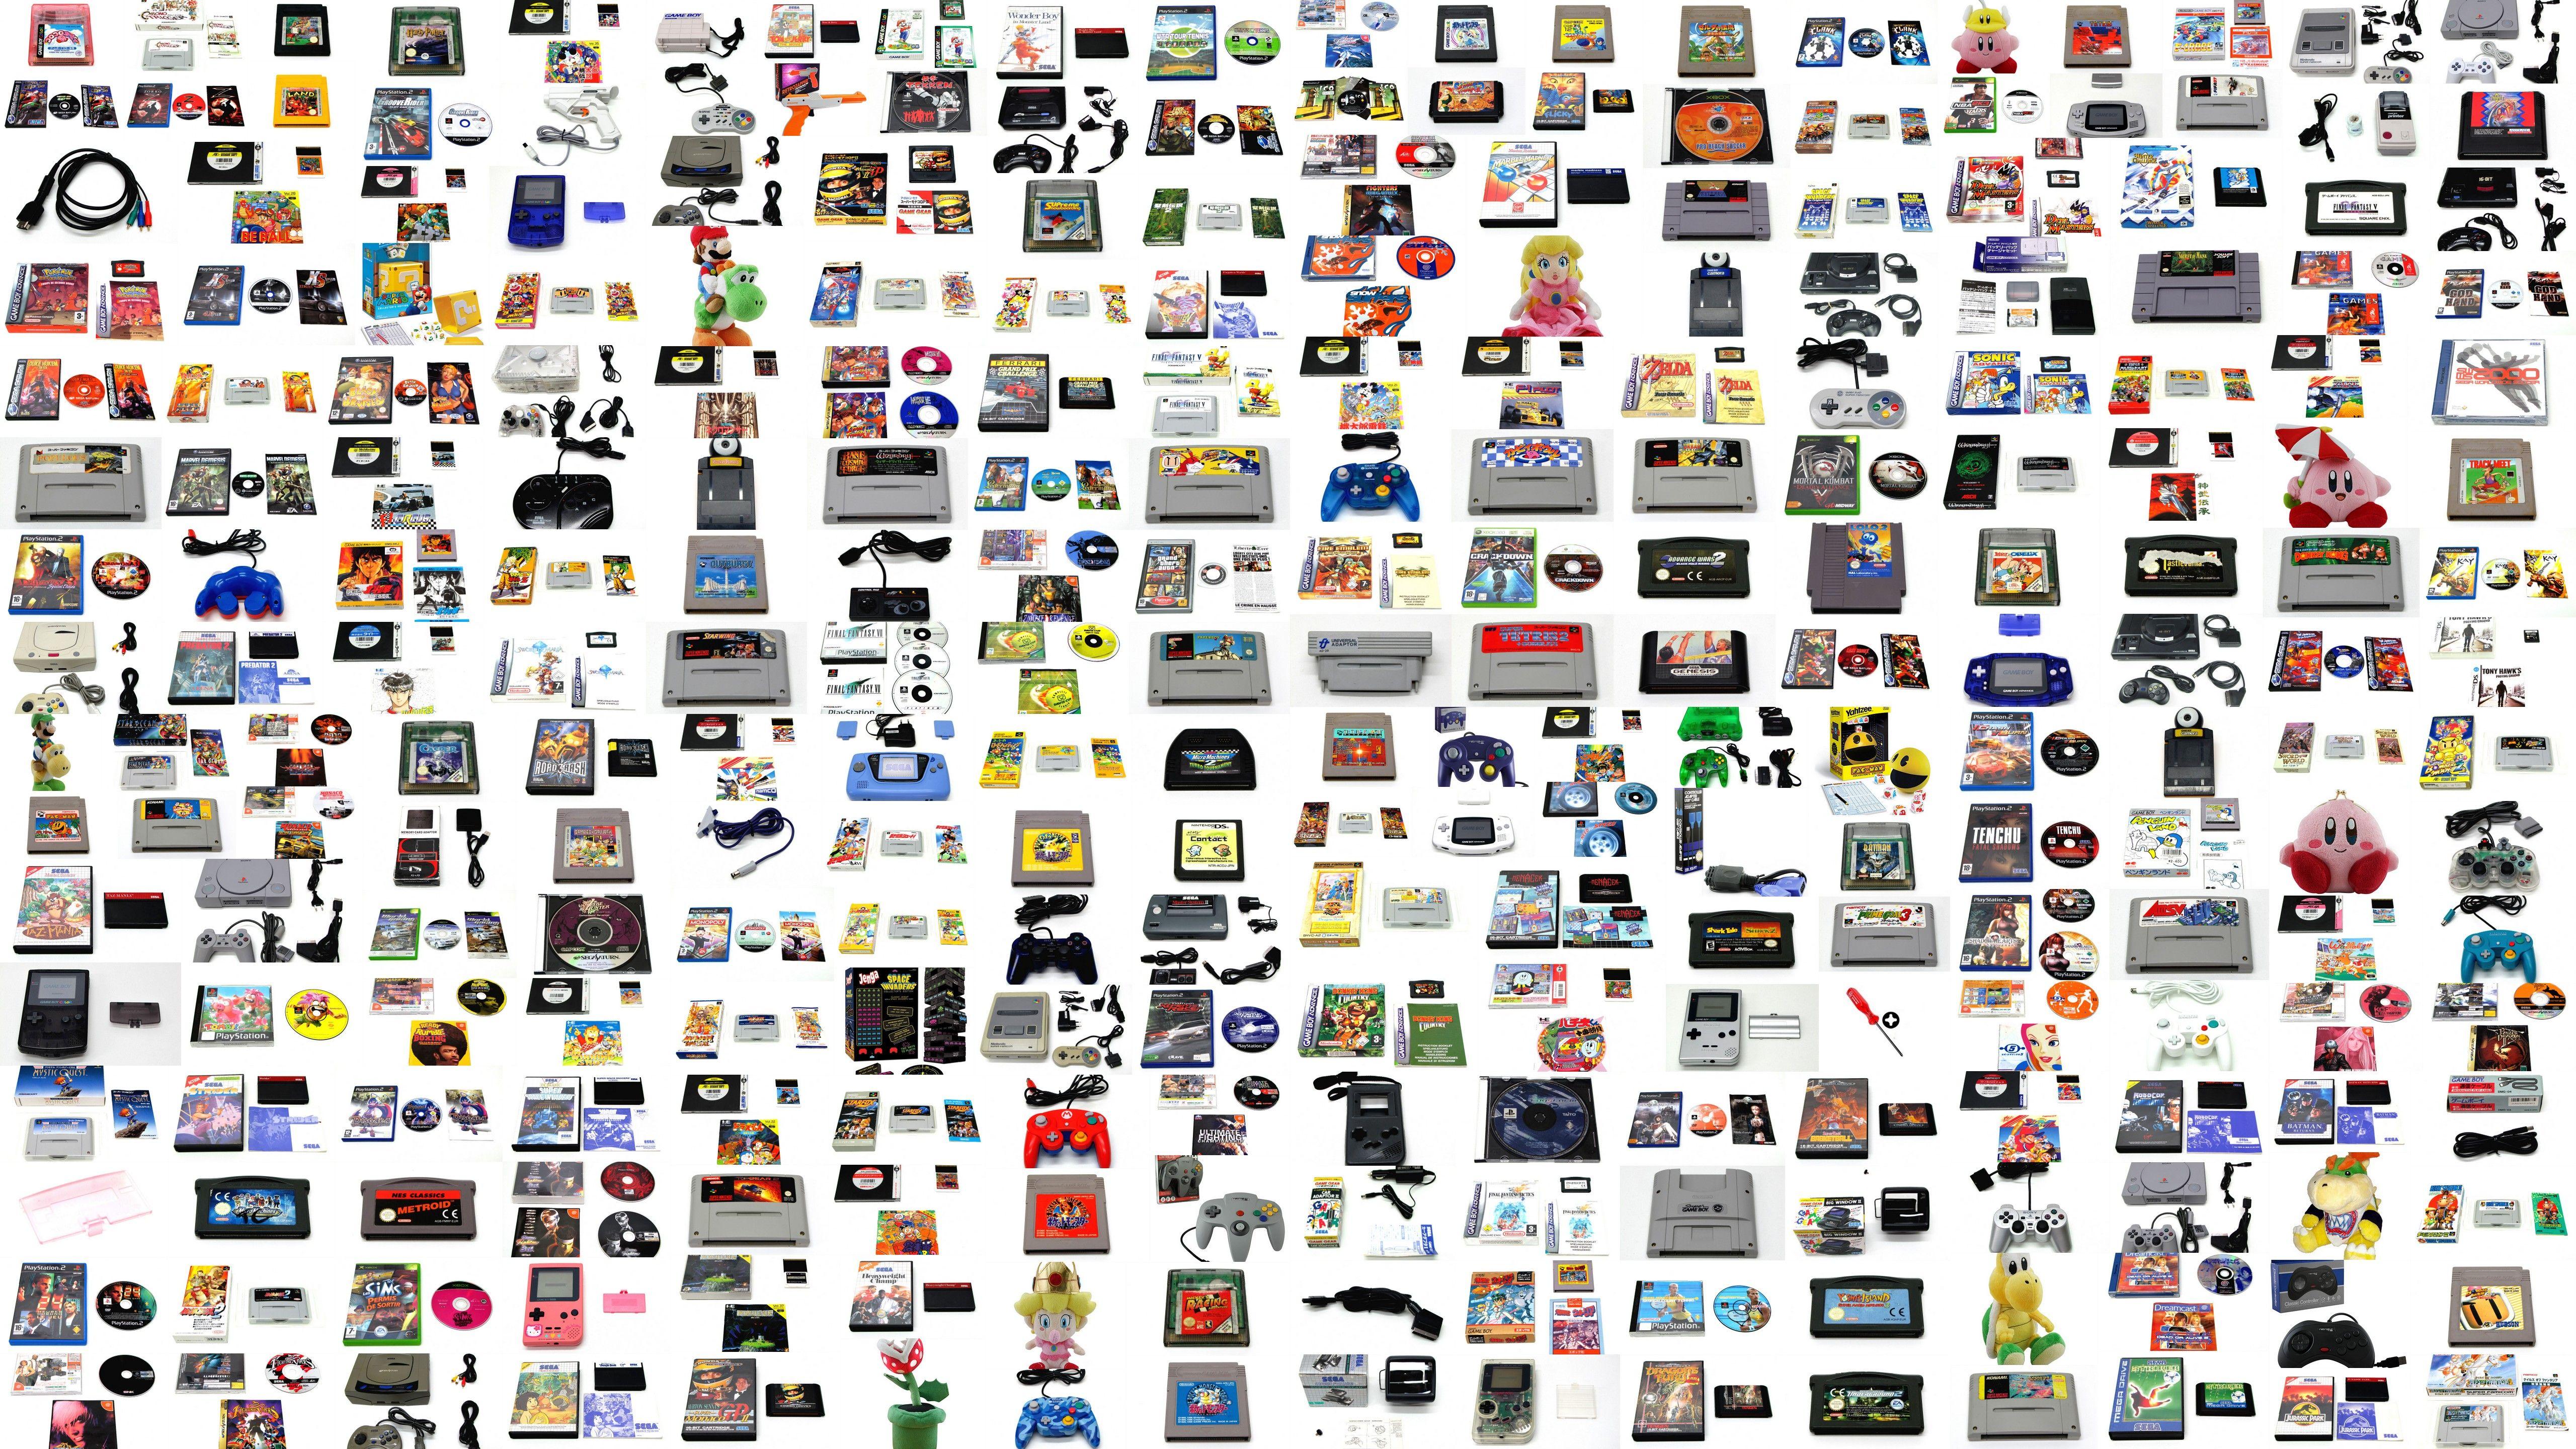 Les amis de NOMBREUSES NOUVEAUTÉS: plus de 300 nouvelles références en stock ! Jeux vidéo, consoles de salon, consoles portables, accessoires, SUR TOUTES PLATEFORMES ! Peluches, jeu de société, enfin de quoi se faire plaisir et faire plaisir à tout le monde :D   N'oubliez pas les frais de port son offert à partir de 49€ d'achat ;)  Il n'y a qu'à suivre le lien suivant !  Bonne journée à tous et bon jeu :D https://vintagevideogame.fr/fr/nouveaux-produits